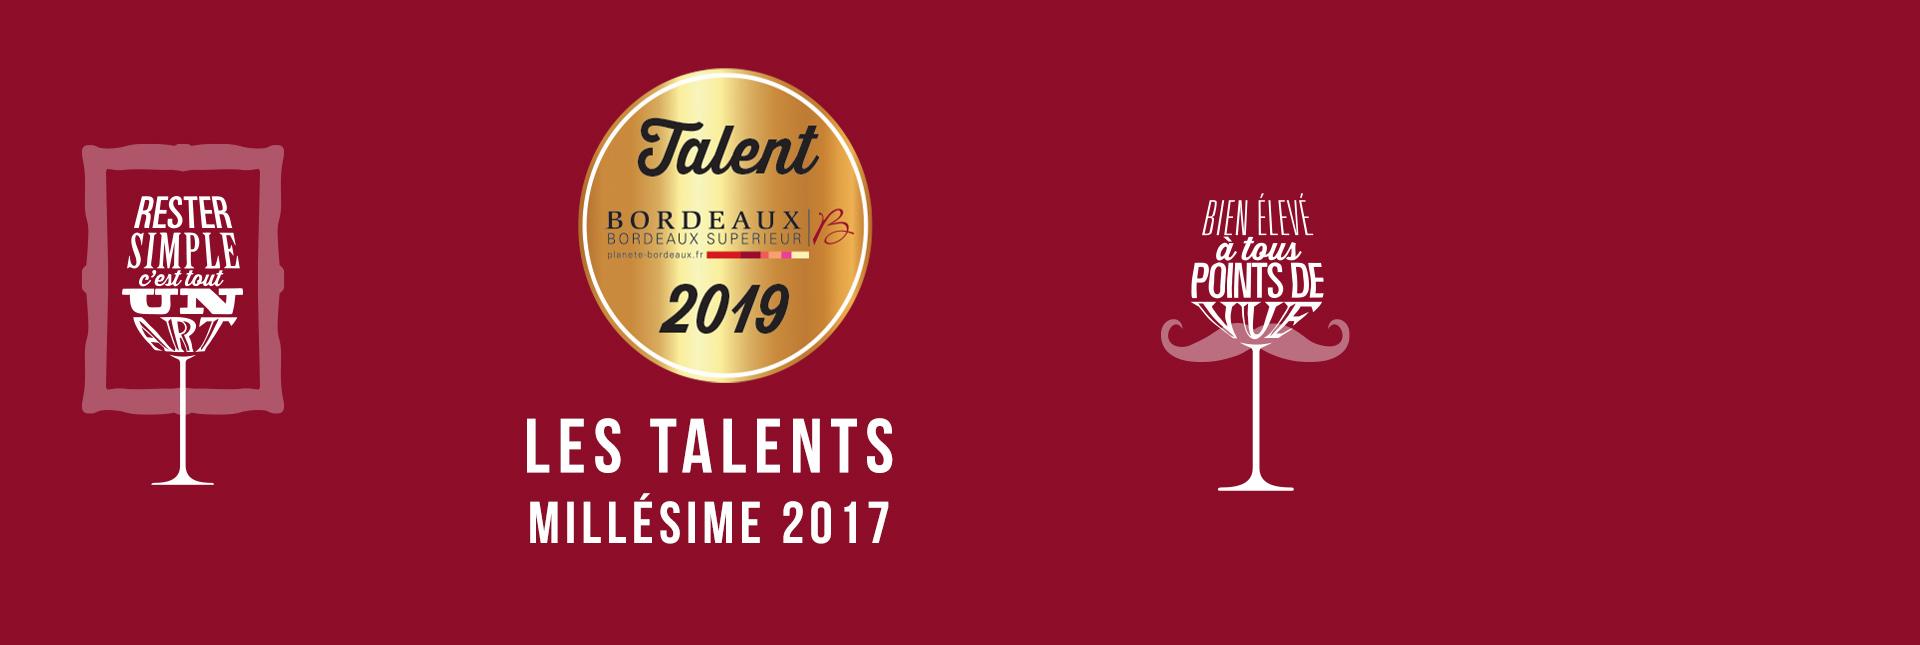 Les Talents édition 2019